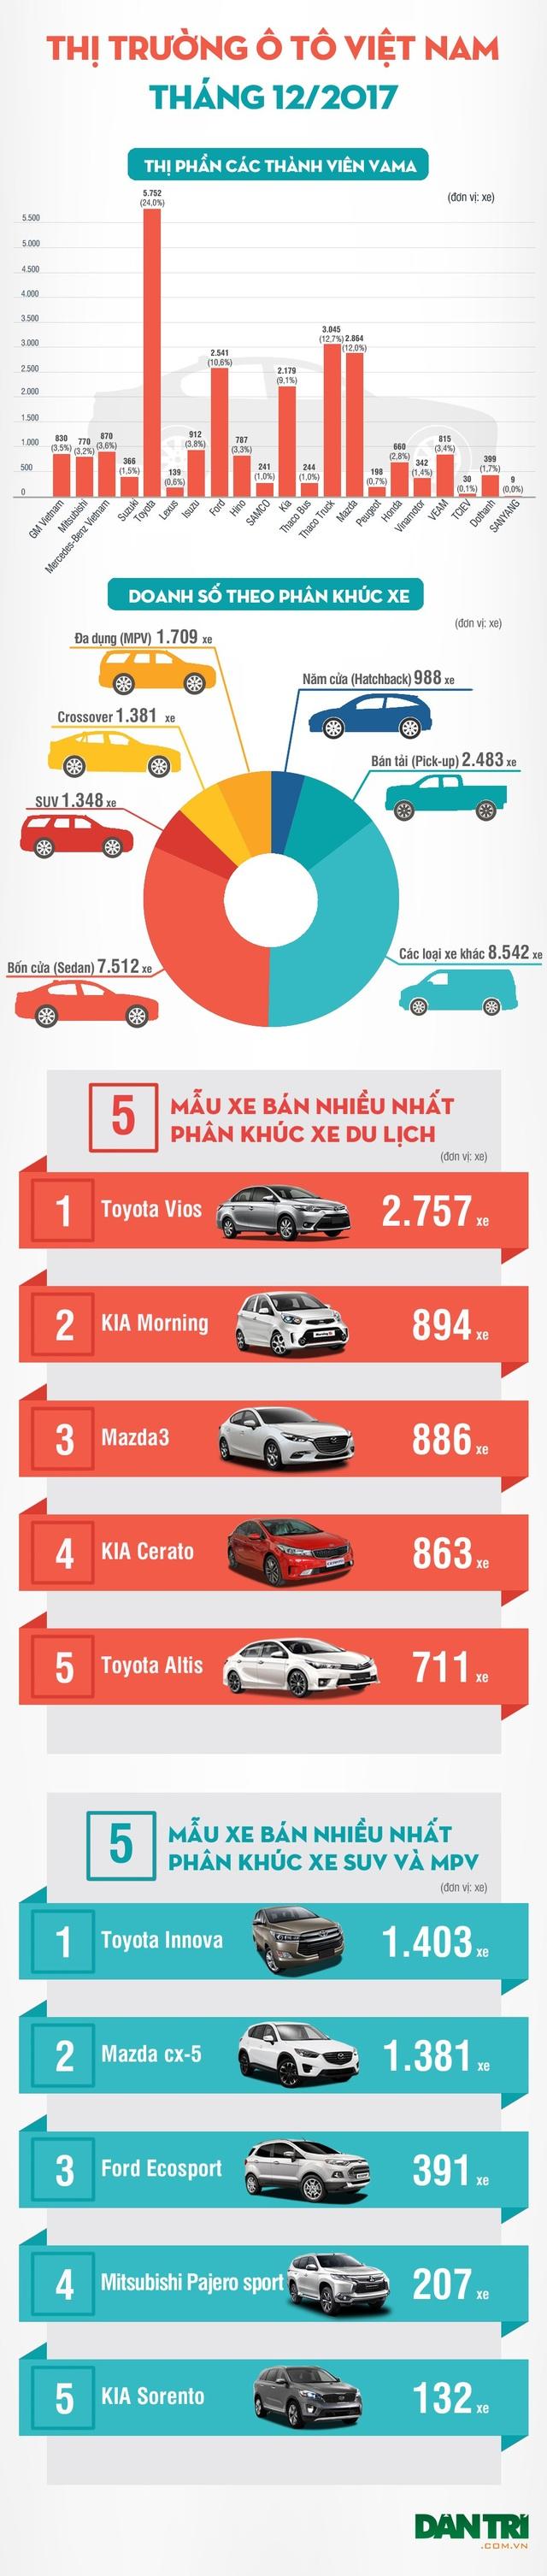 Tháng 12/2017 - Người Việt mua xe nào nhiều nhất? - 1